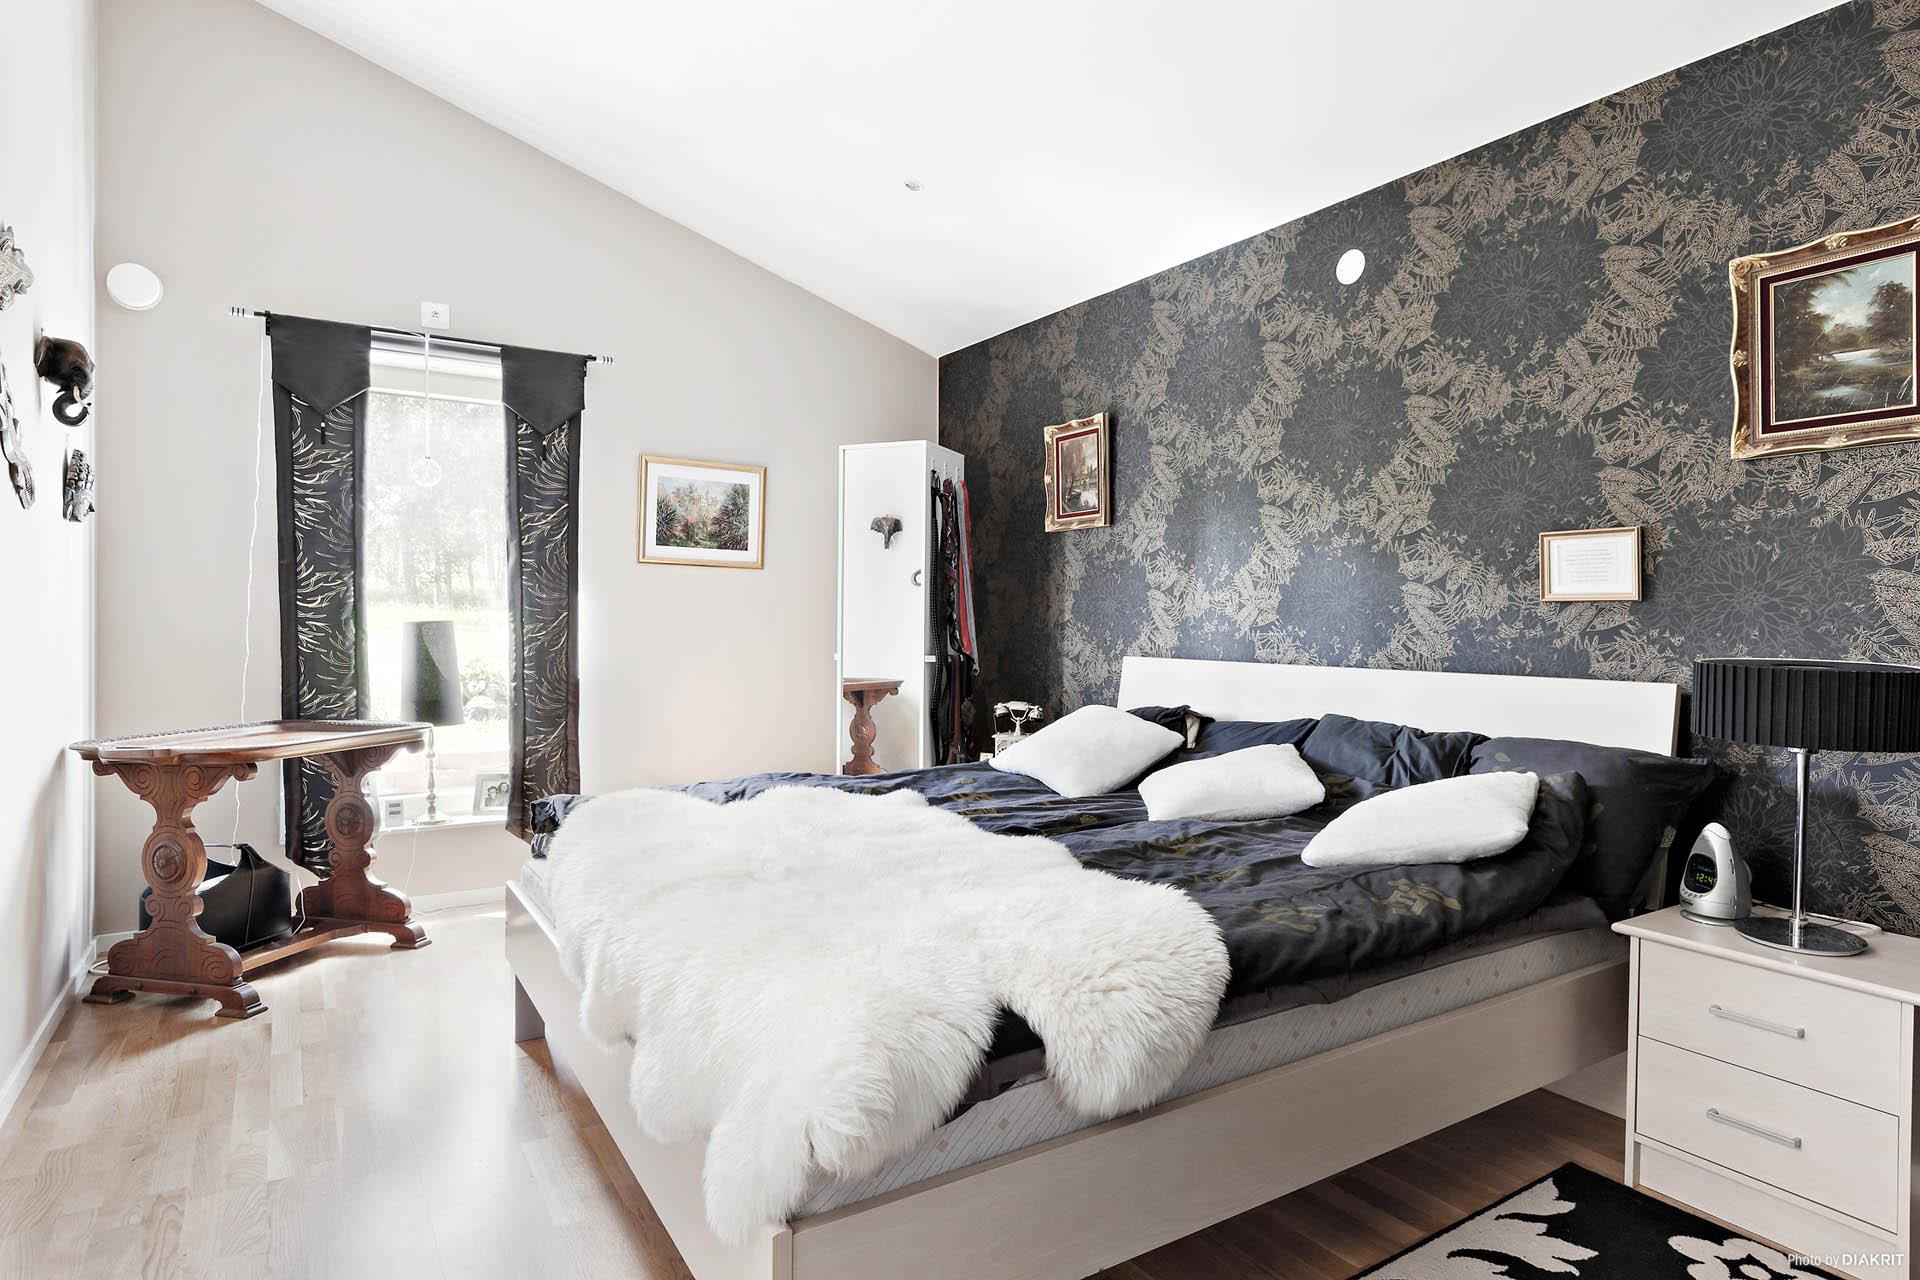 Rymligt sovrum med badrum i direkt anslutning.